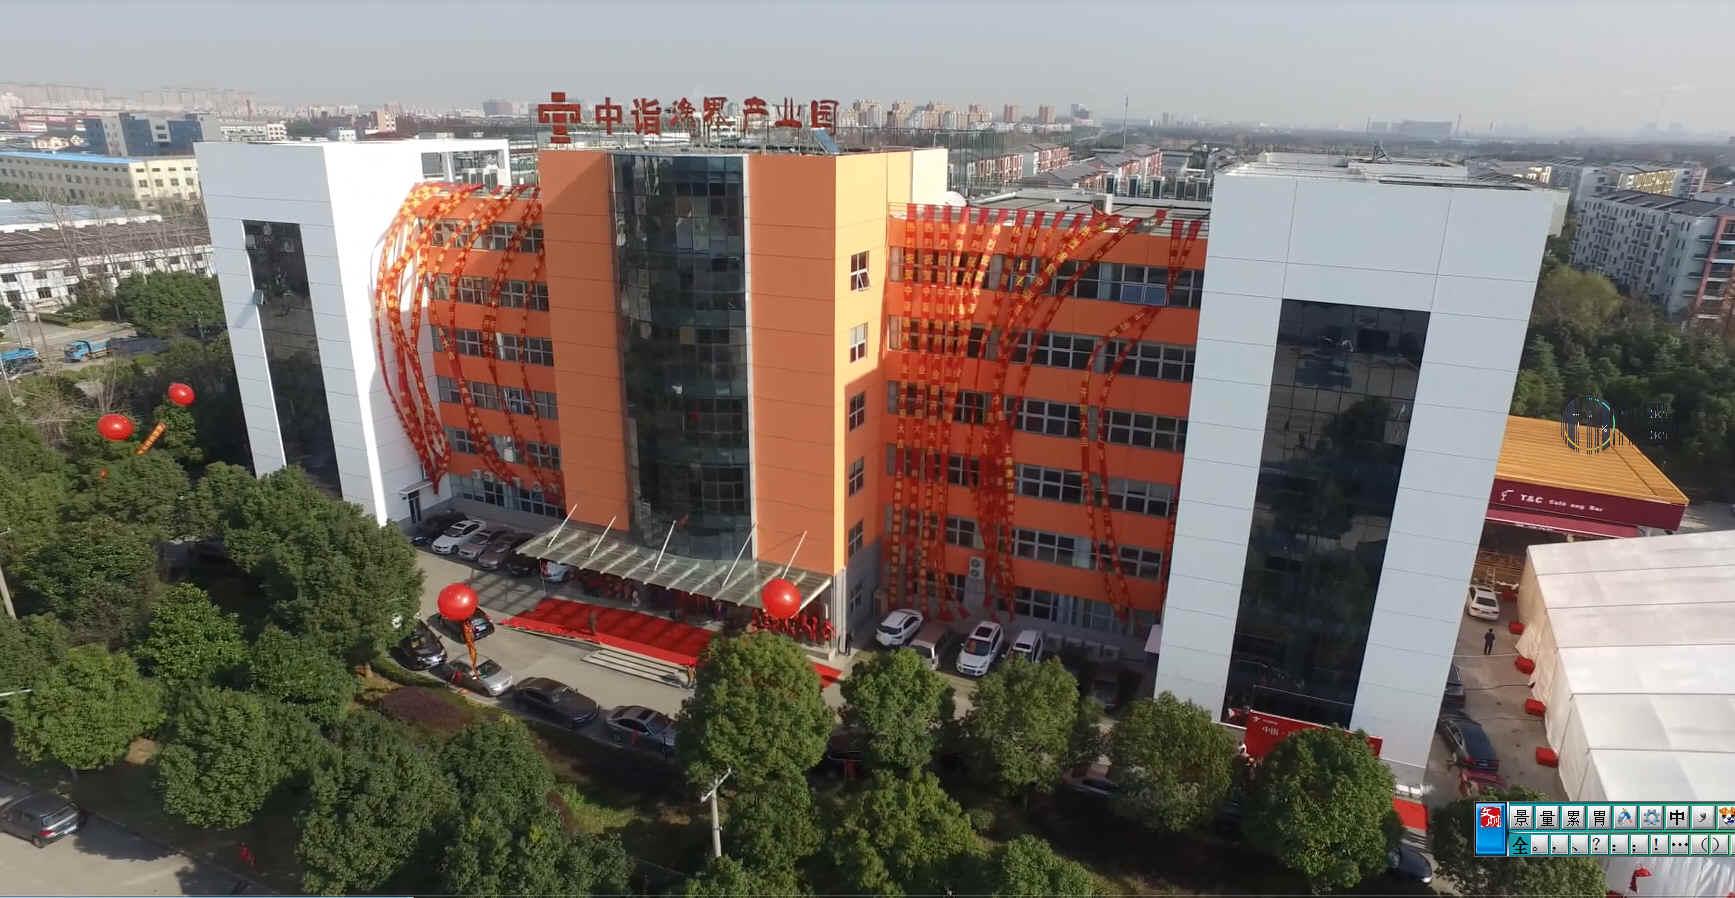 """从高空中告诉你:""""中国创业家网逸界产业园"""" 磅礴之美将成为业界典范.jpg"""